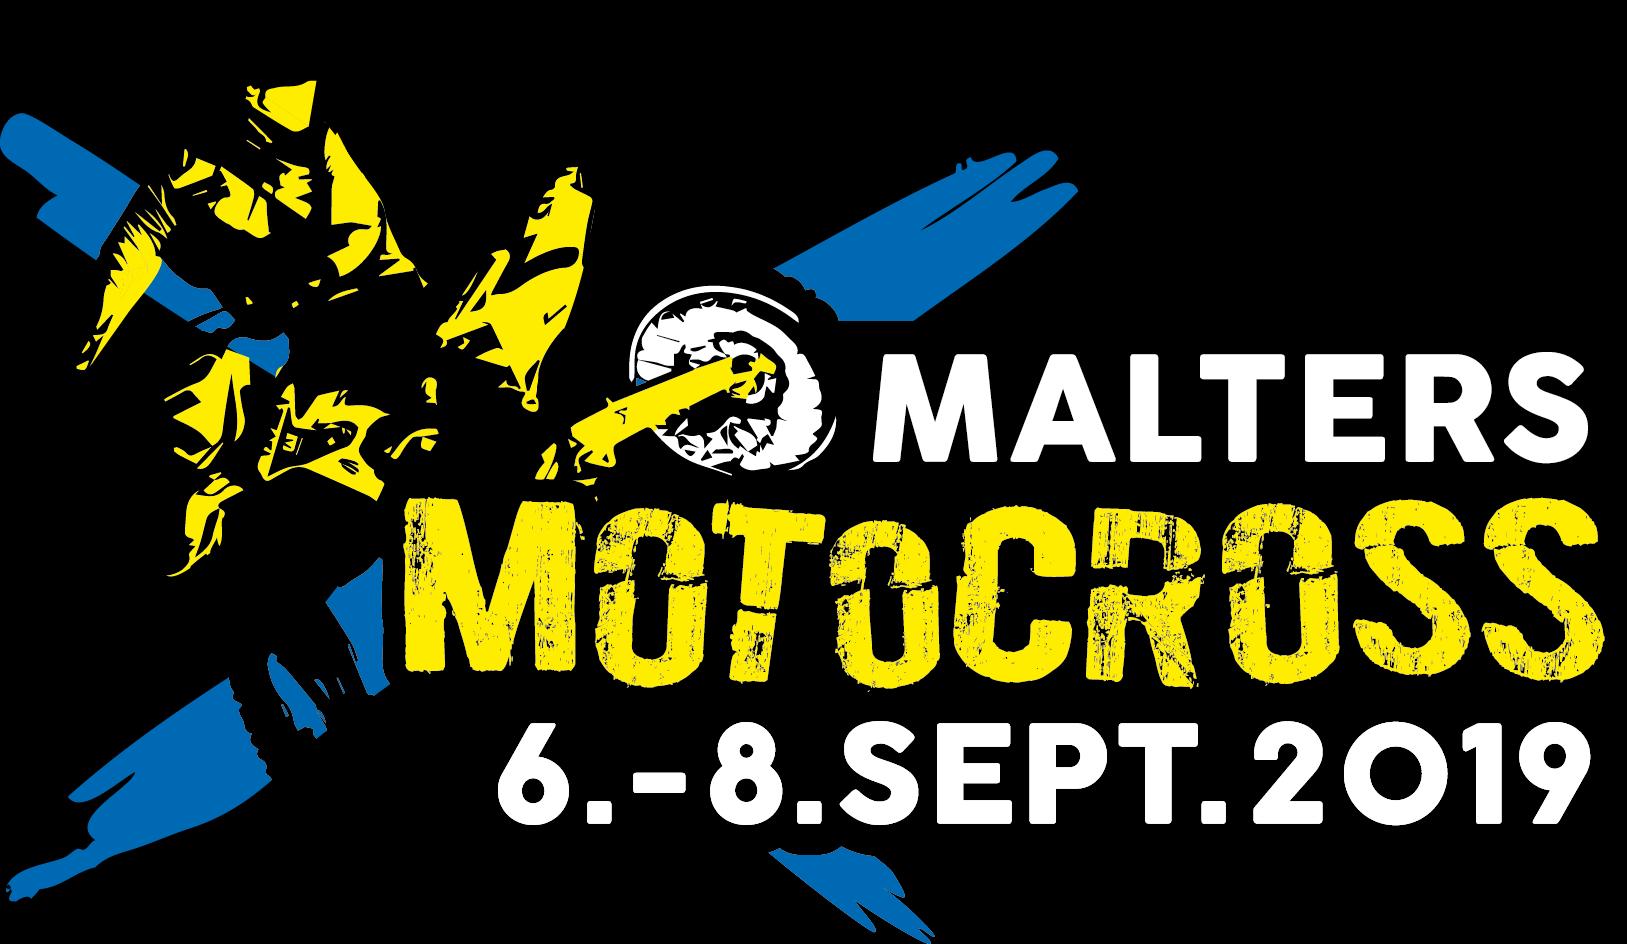 Waren von Motocross Malters kaufen